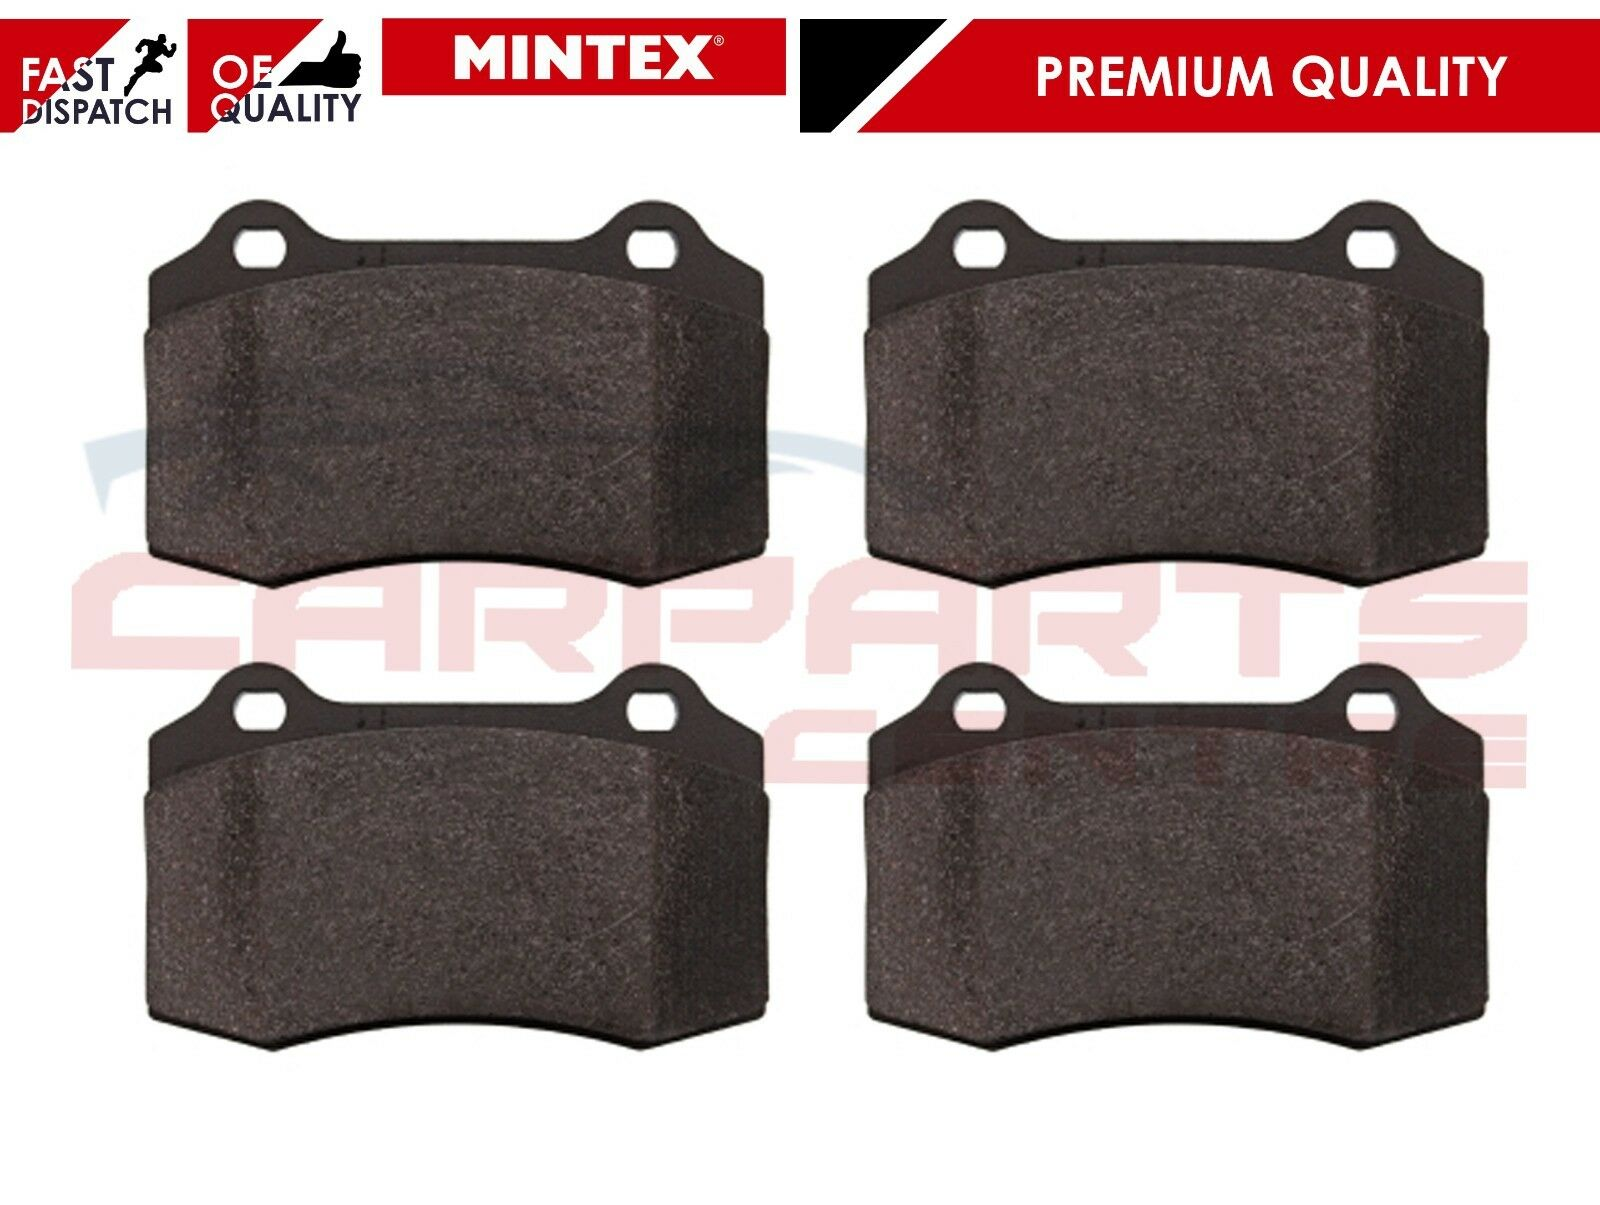 New Seat Leon 1M1 1.8 T Cupra R Genuine Mintex Rear Brake Pads Set